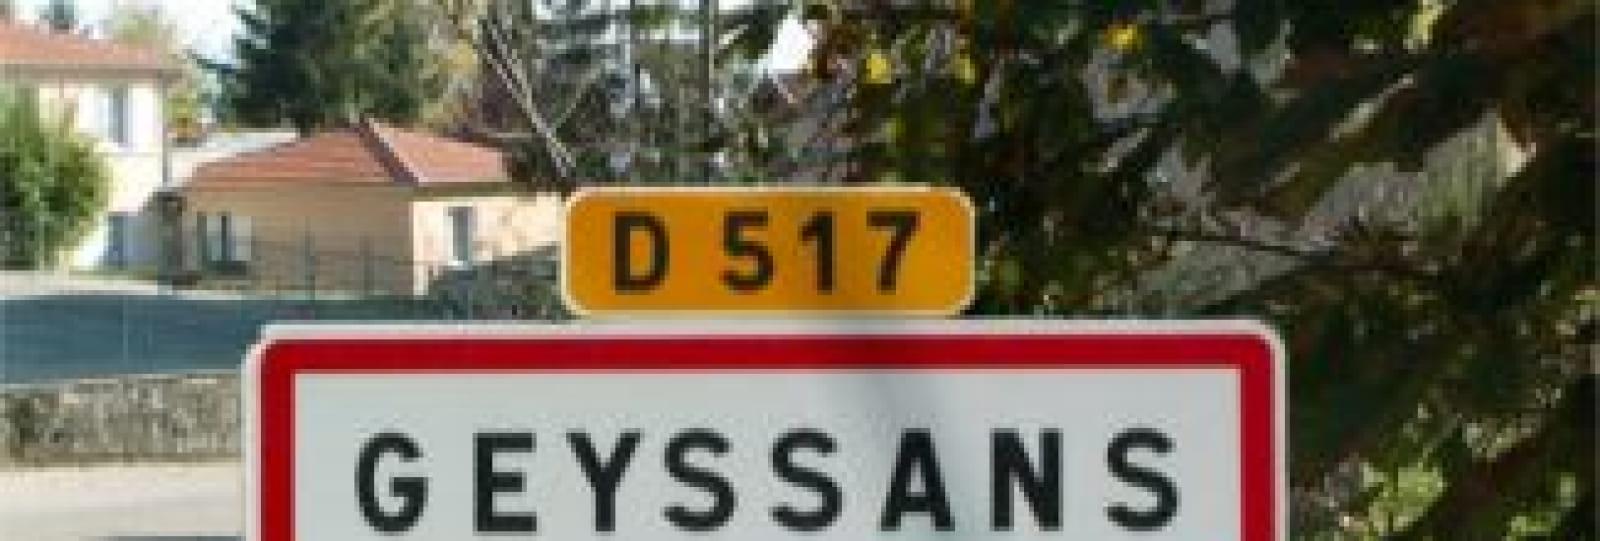 Village de Geyssans